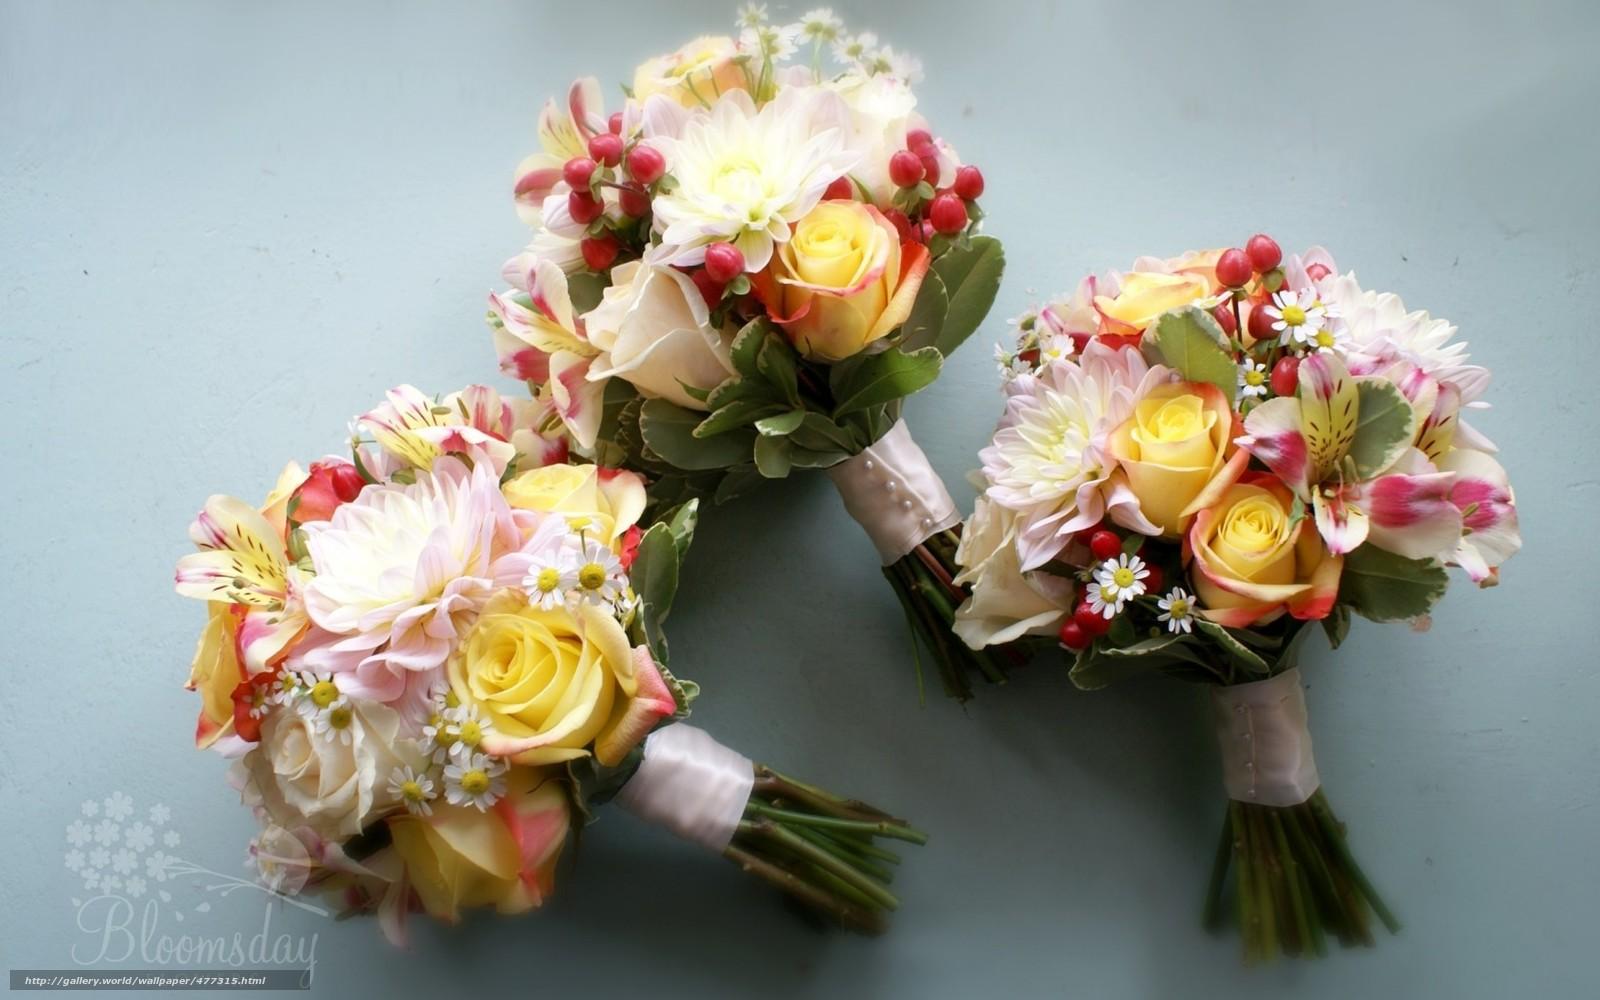 Скачать обои георгин,  розы,  ромашки,  альстромерия бесплатно для рабочего стола в разрешении 1680x1050 — картинка №477315